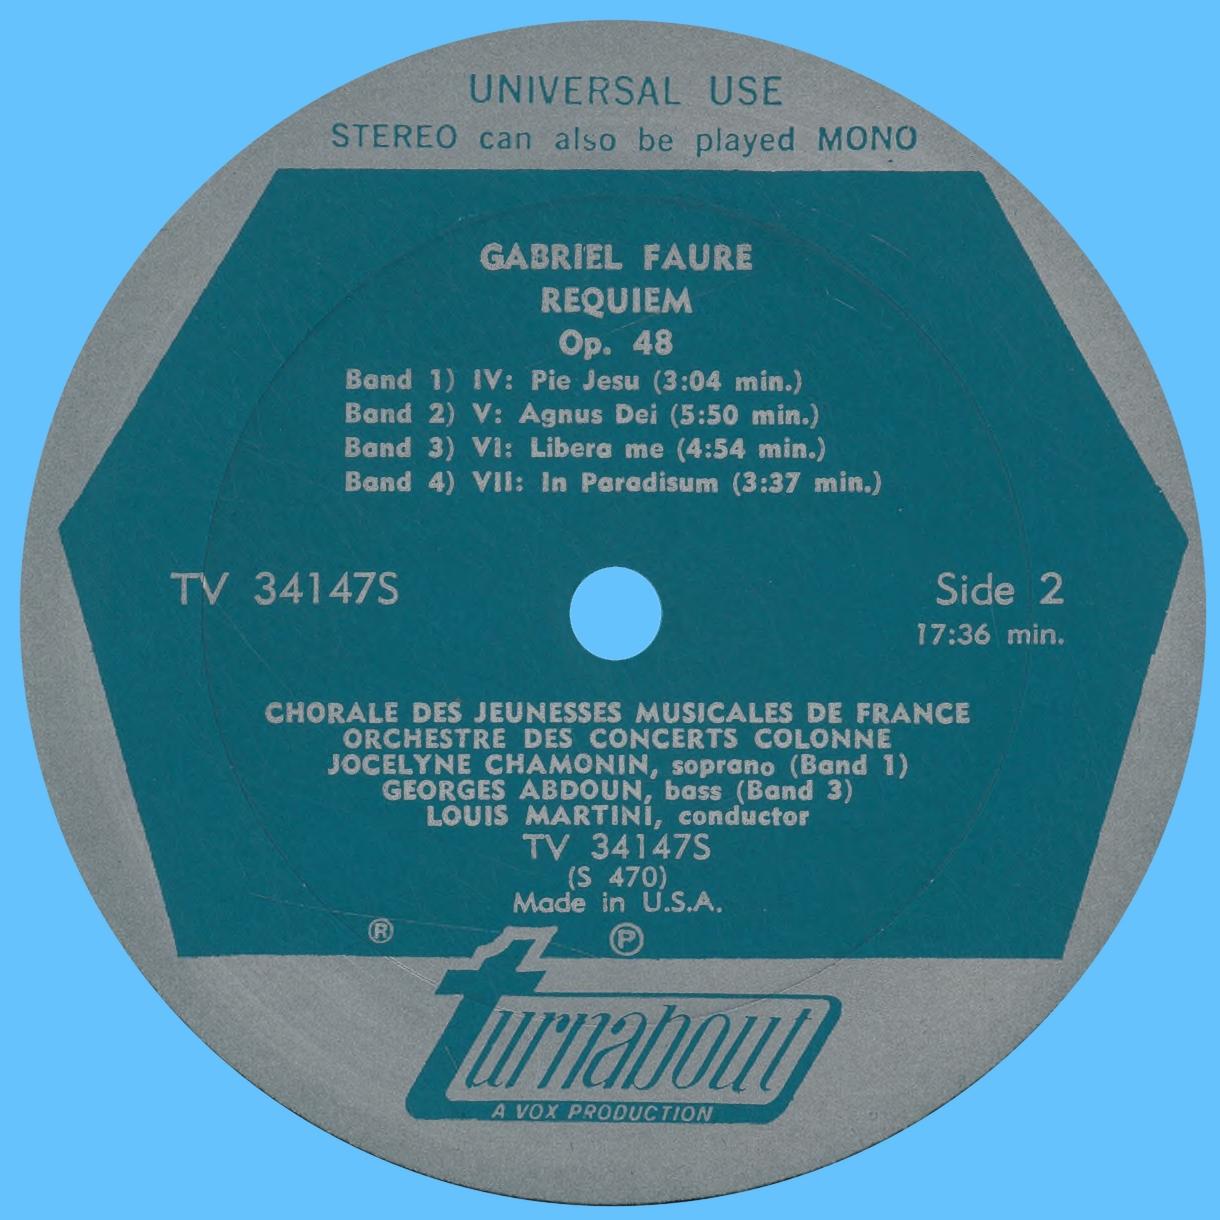 Étiquette verso du disque Turnabout VOX TV 34147S